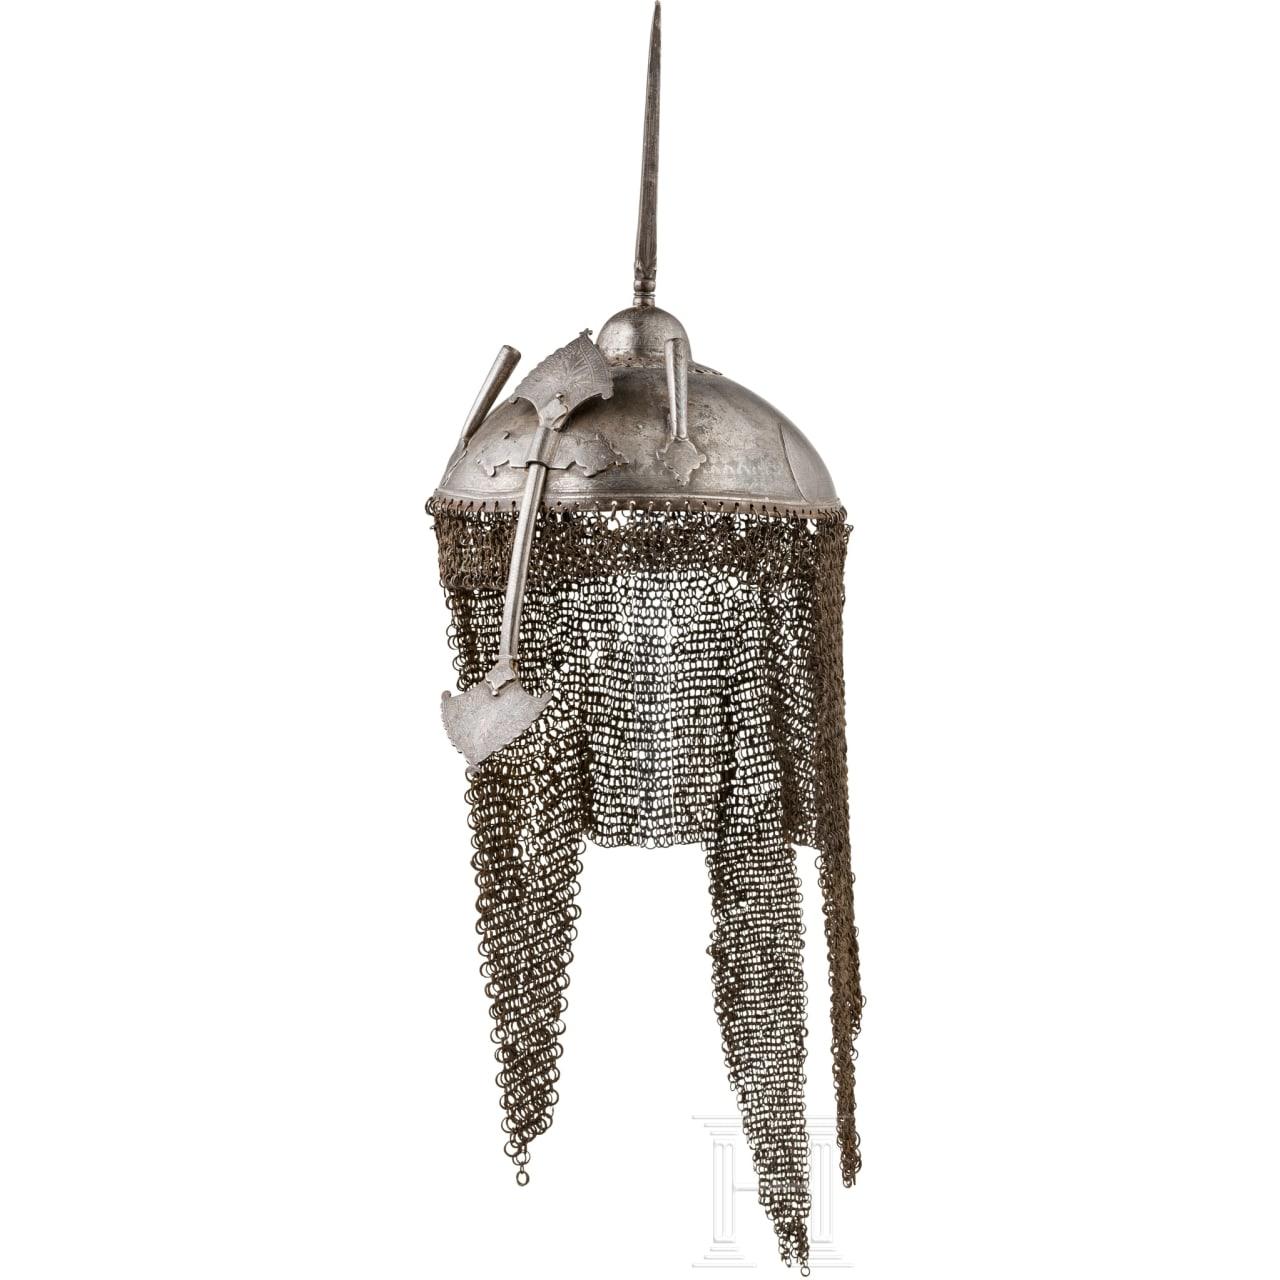 A Persian flat helmet (kulah khud), 18th-19th century